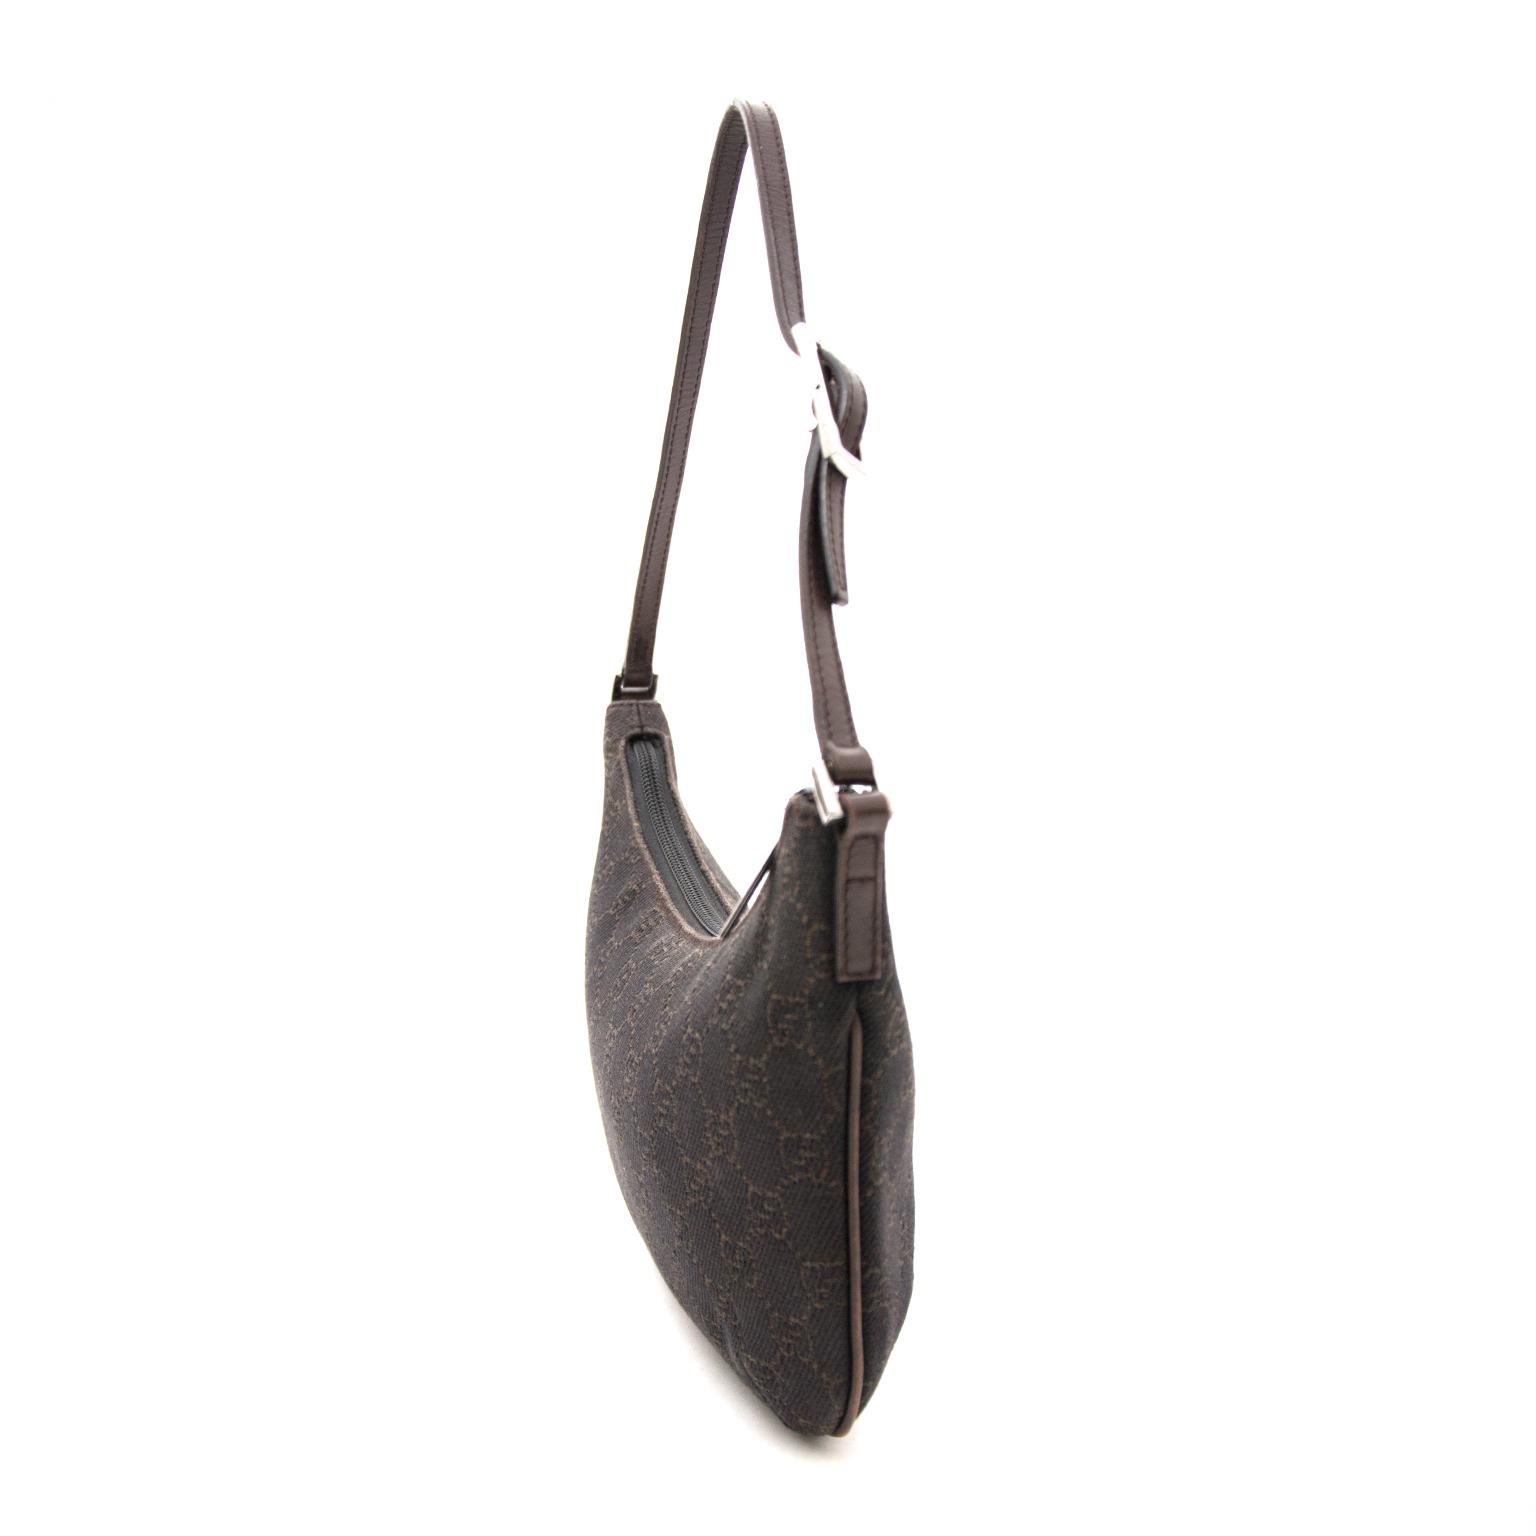 Gucci Braune Baguette Monogram Shulterhandtasche heute online auf labellov.com gegen den besten Preis.